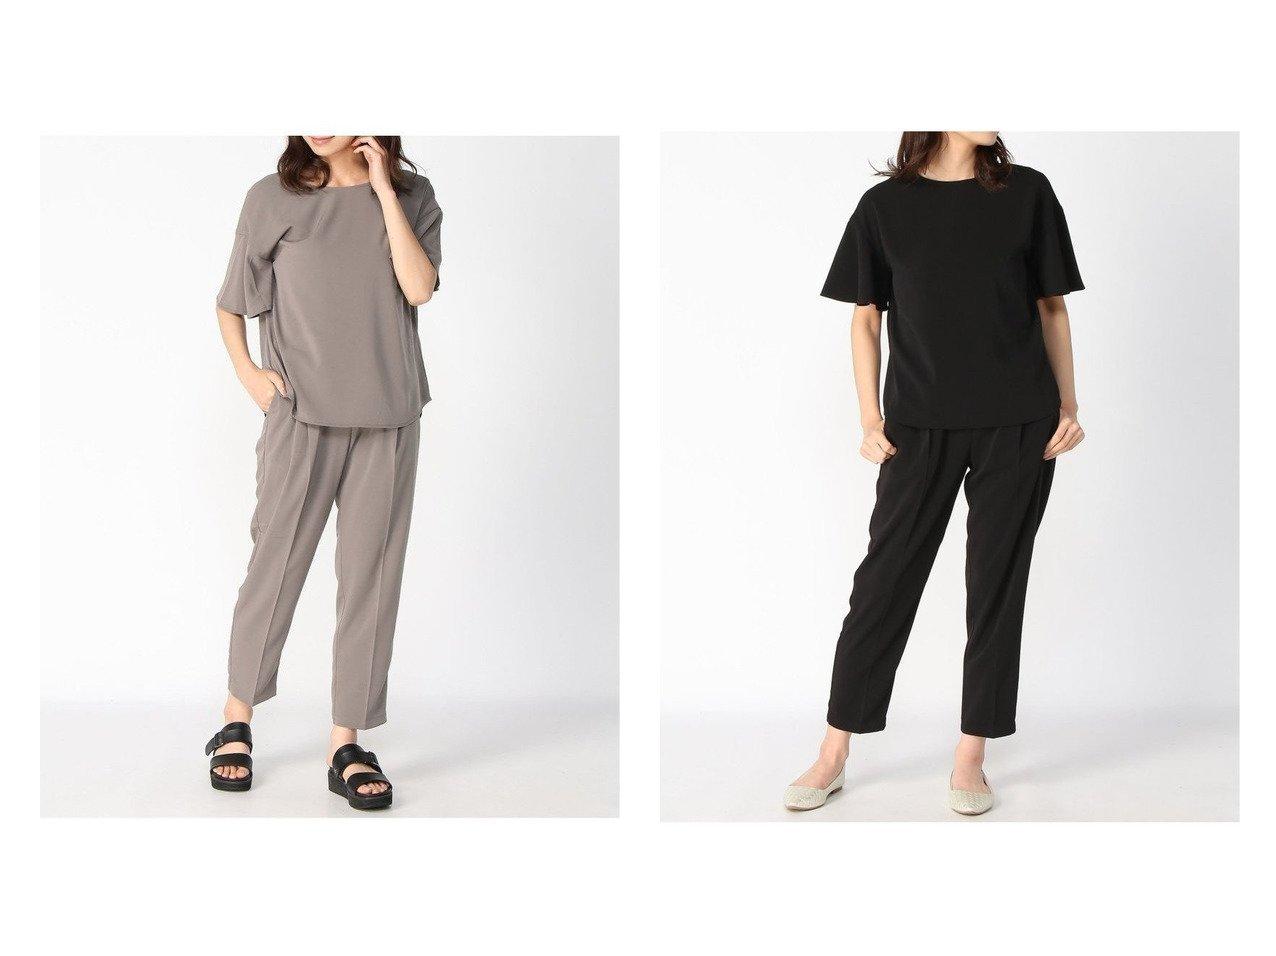 【GLOBAL WORK/グローバルワーク】のソデフリルBLPTセット+D 【トップス・カットソー】おすすめ!人気、トレンド・レディースファッションの通販 おすすめで人気の流行・トレンド、ファッションの通販商品 インテリア・家具・メンズファッション・キッズファッション・レディースファッション・服の通販 founy(ファニー) https://founy.com/ ファッション Fashion レディースファッション WOMEN トップス・カットソー Tops/Tshirt シャツ/ブラウス Shirts/Blouses NEW・新作・新着・新入荷 New Arrivals ストレッチ スリーブ セットアップ ツイル フレア メタル  ID:crp329100000041030